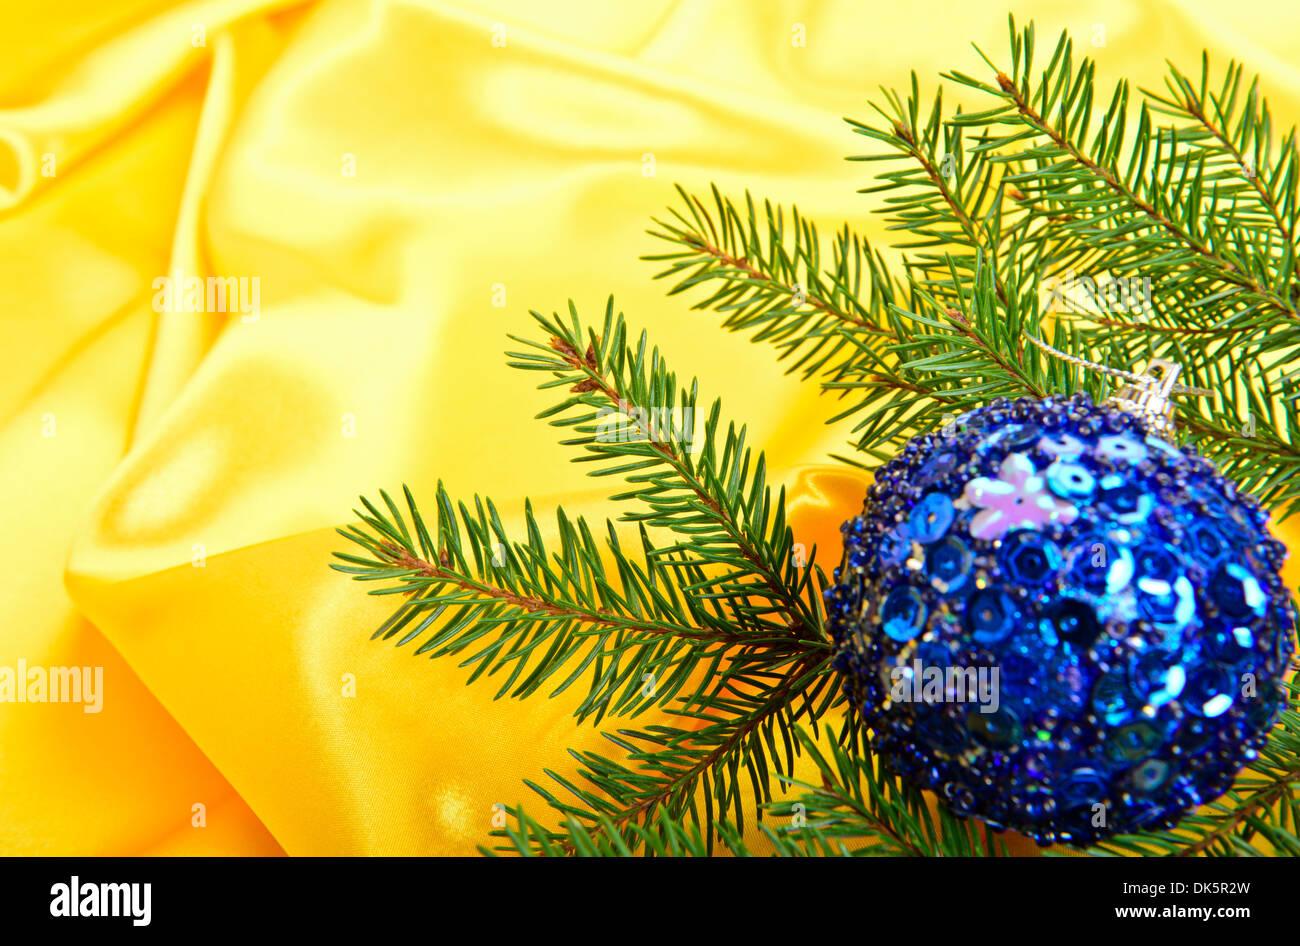 Weihnachtsbaum und Ball auf Goldgrund Seide Stockbild